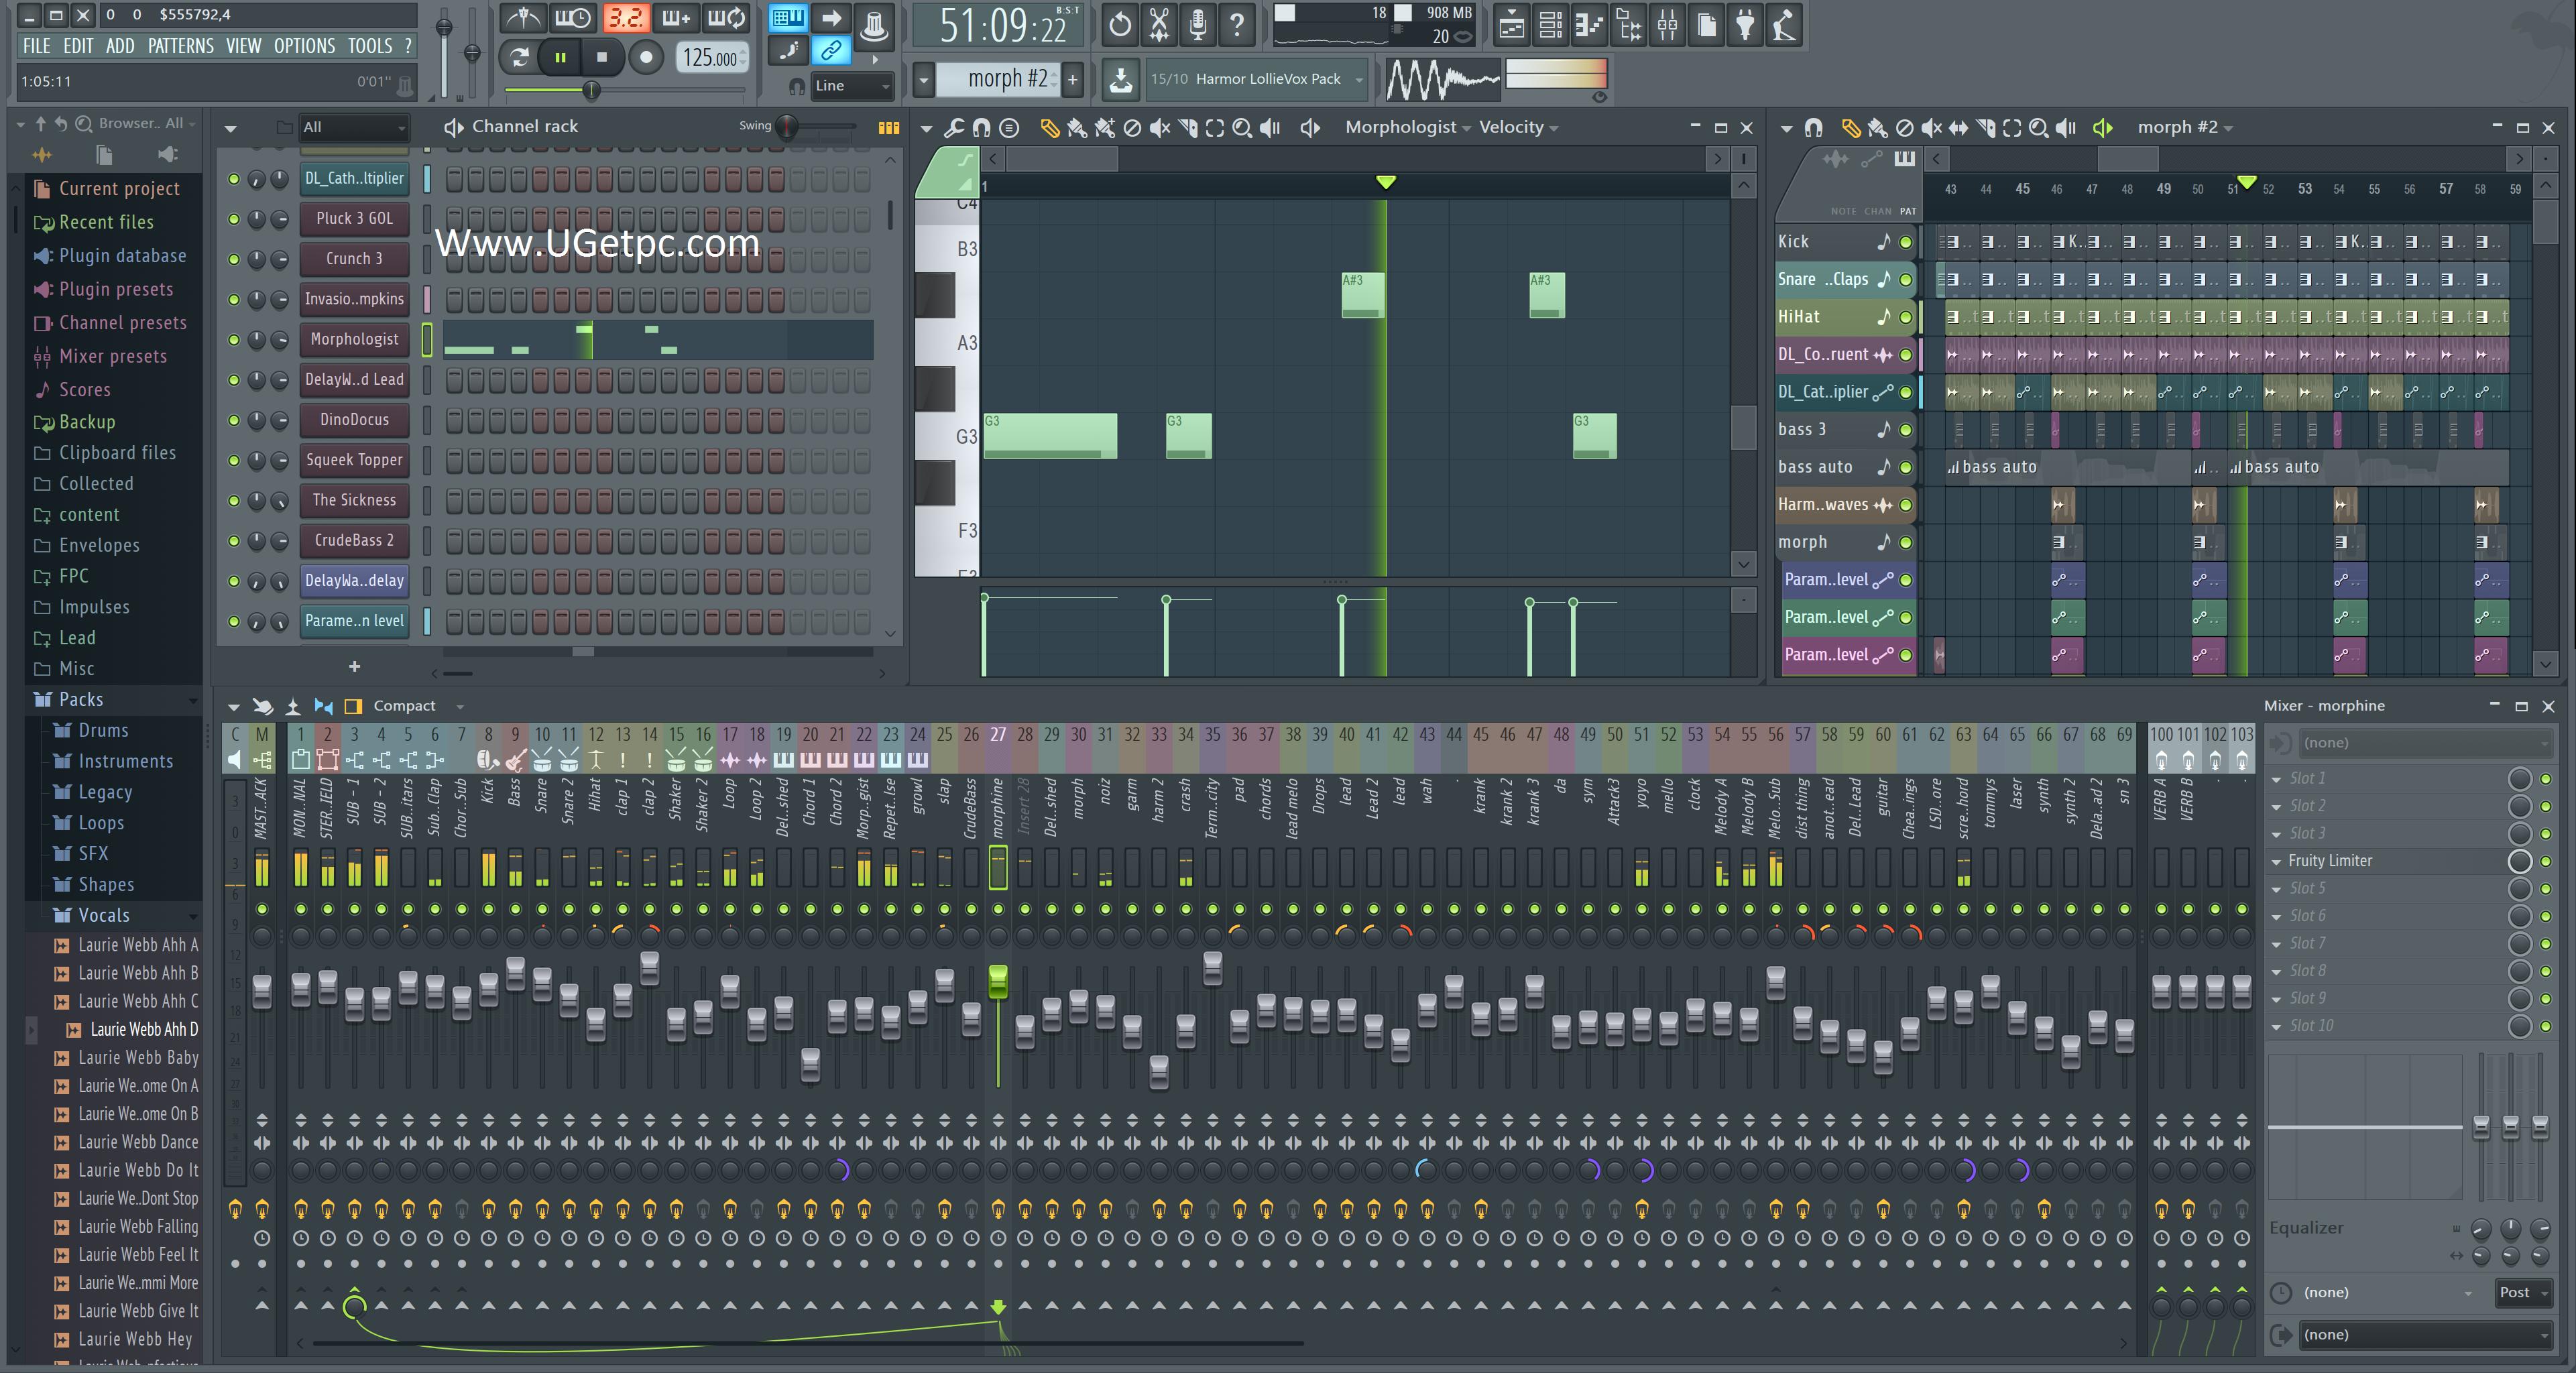 FL Studio-12-Crack-cod-UGetpc